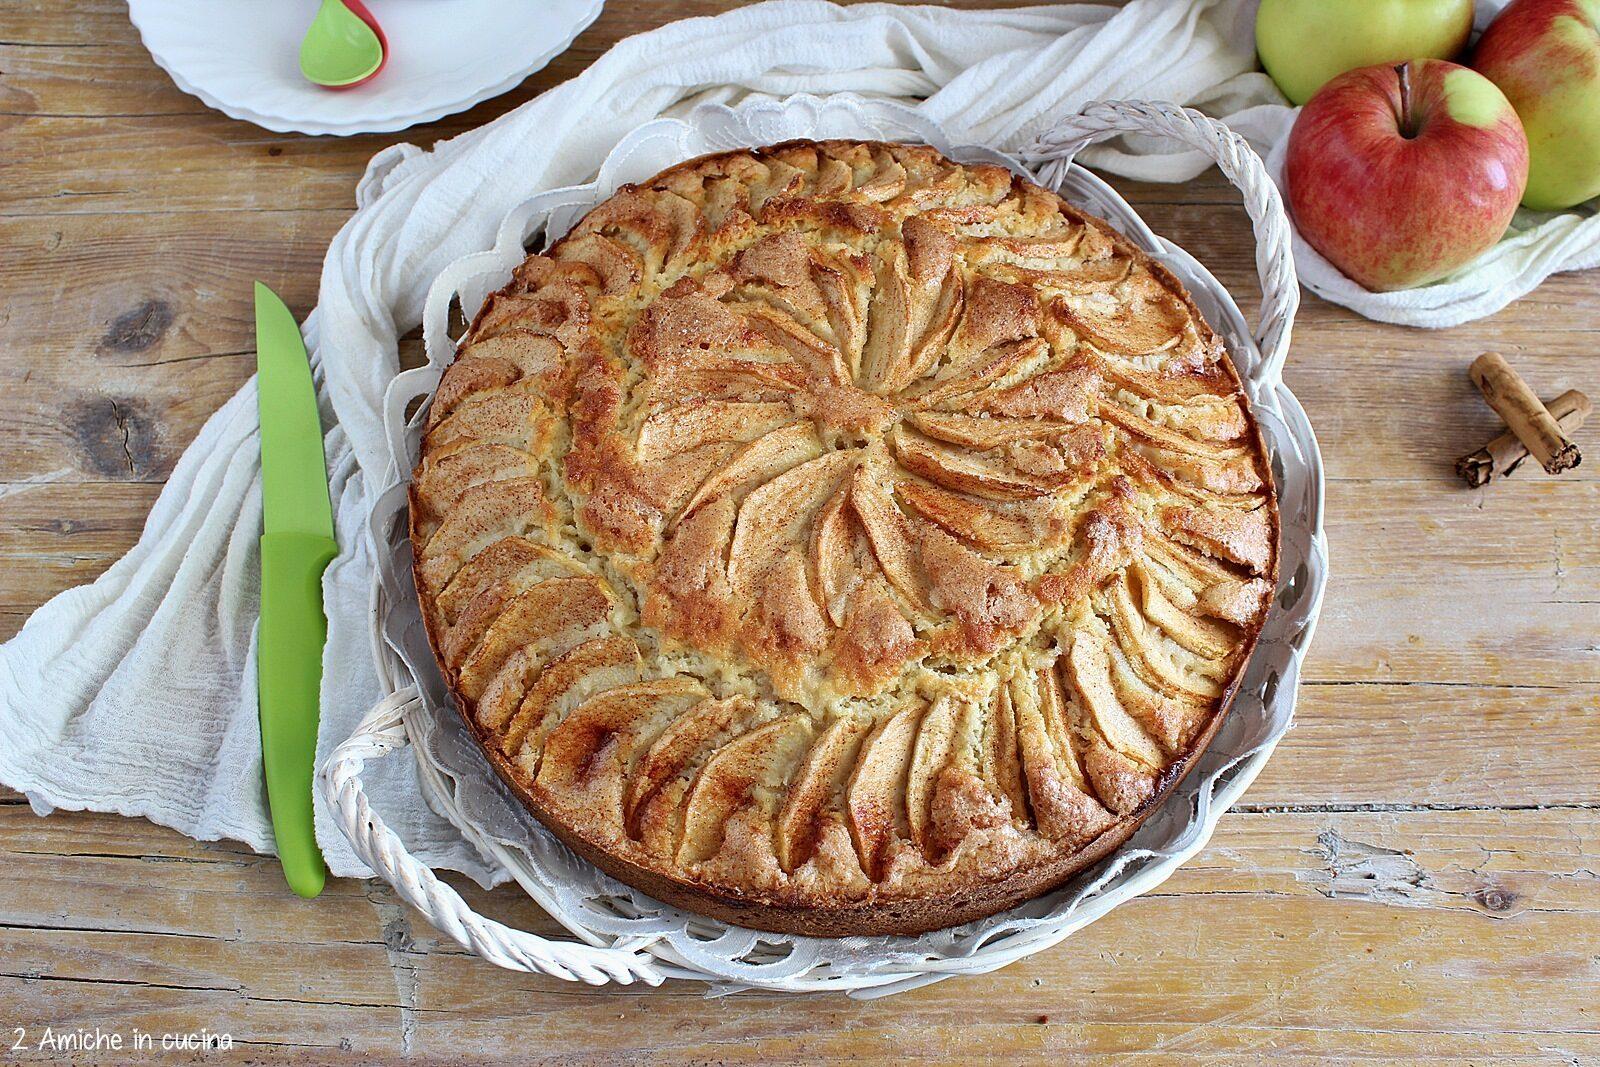 Torta di mele al profumo di cannella tipica dell'Islanda